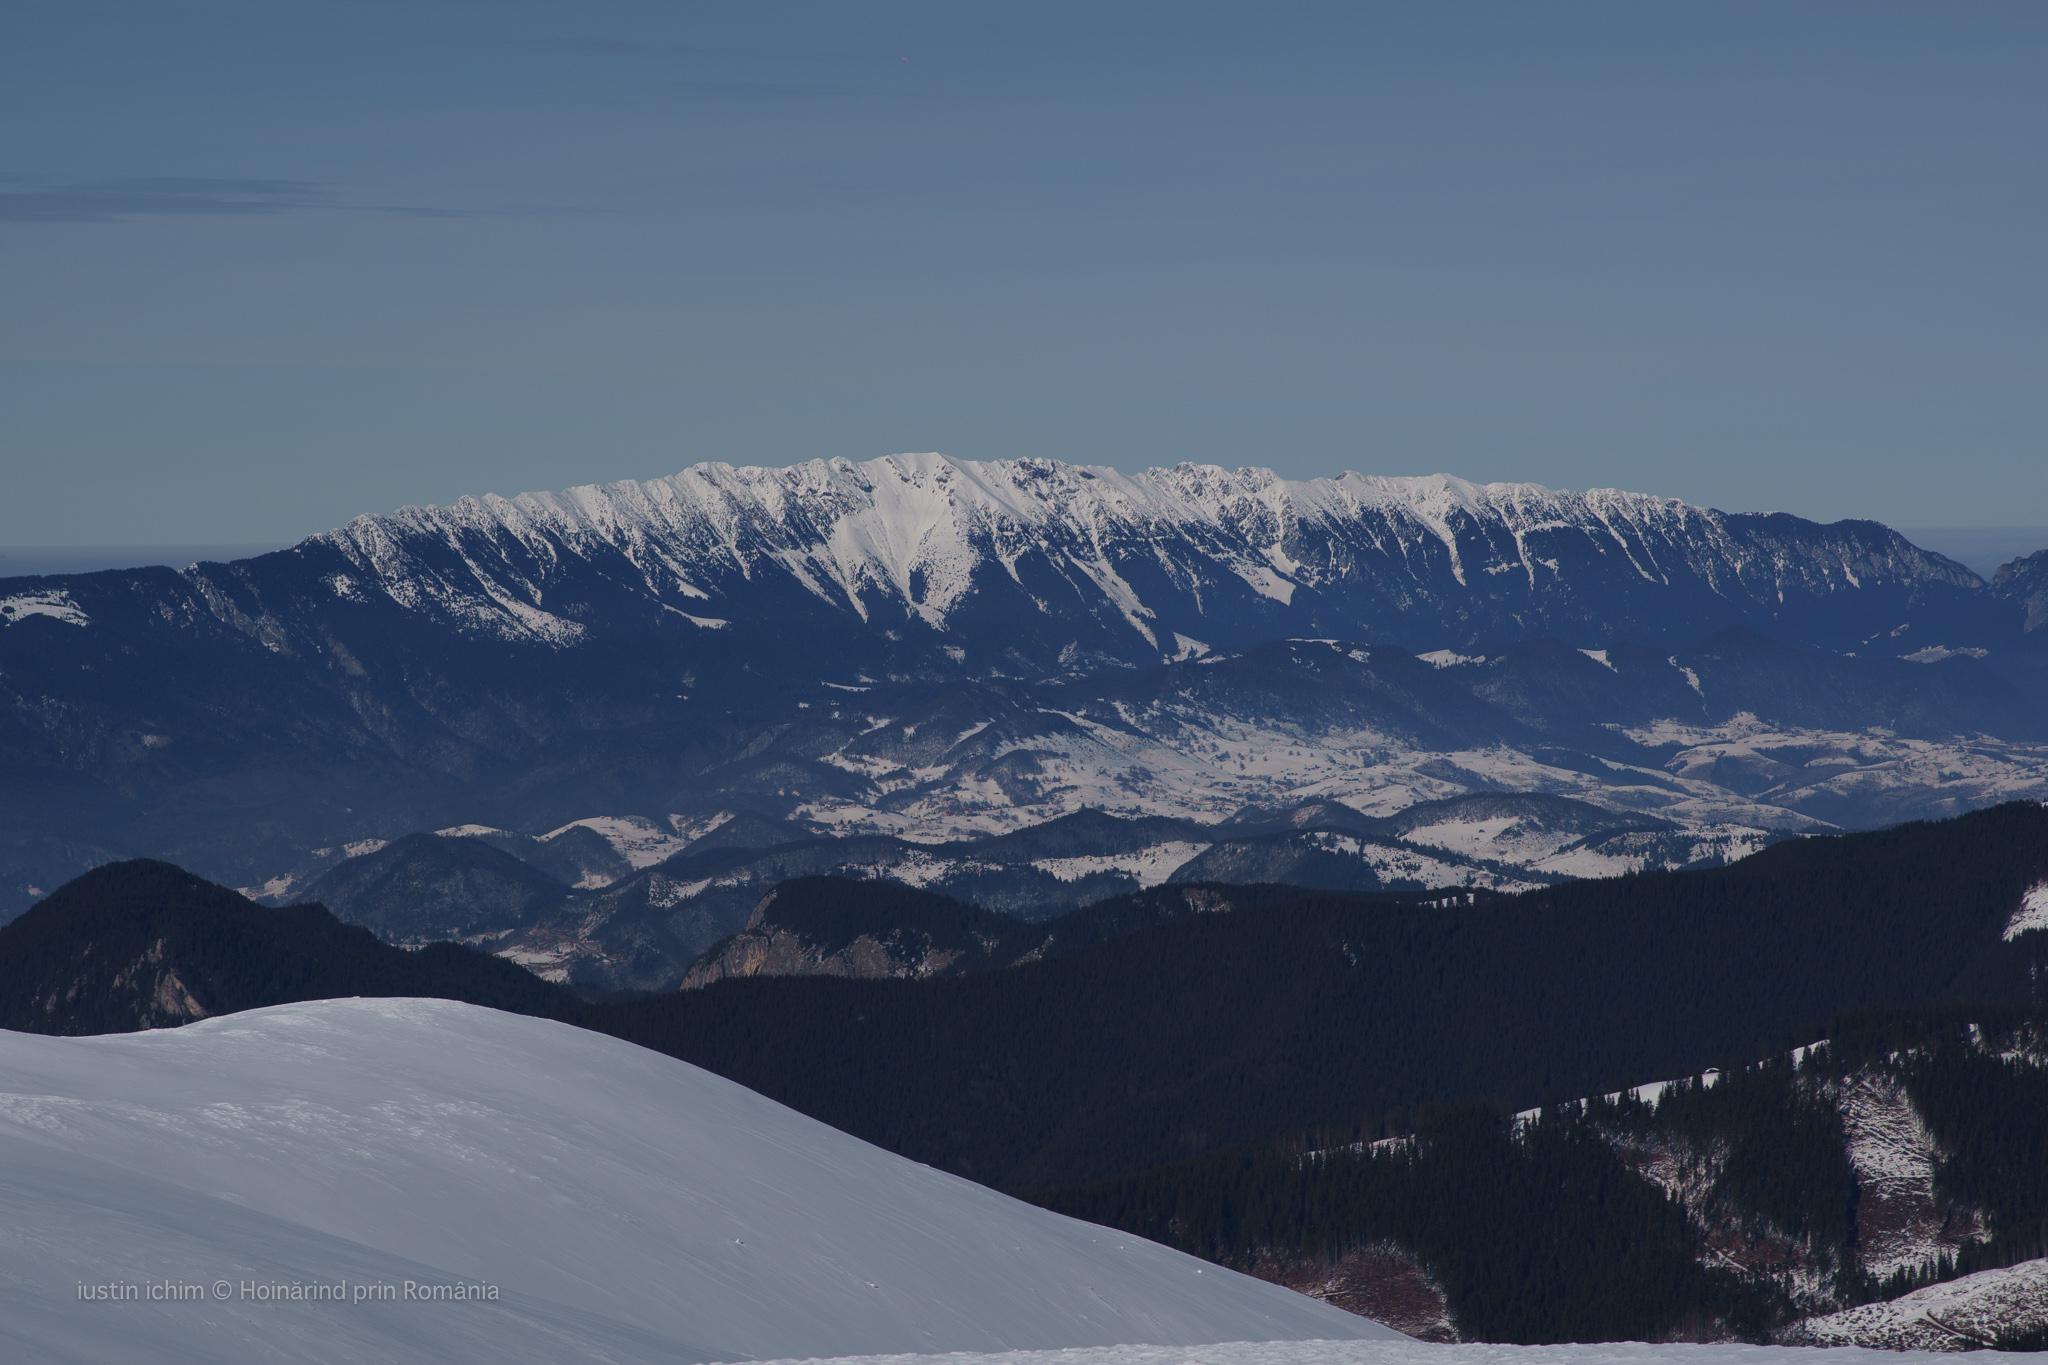 Munții Piatra Craiului, văzuti din Leaota